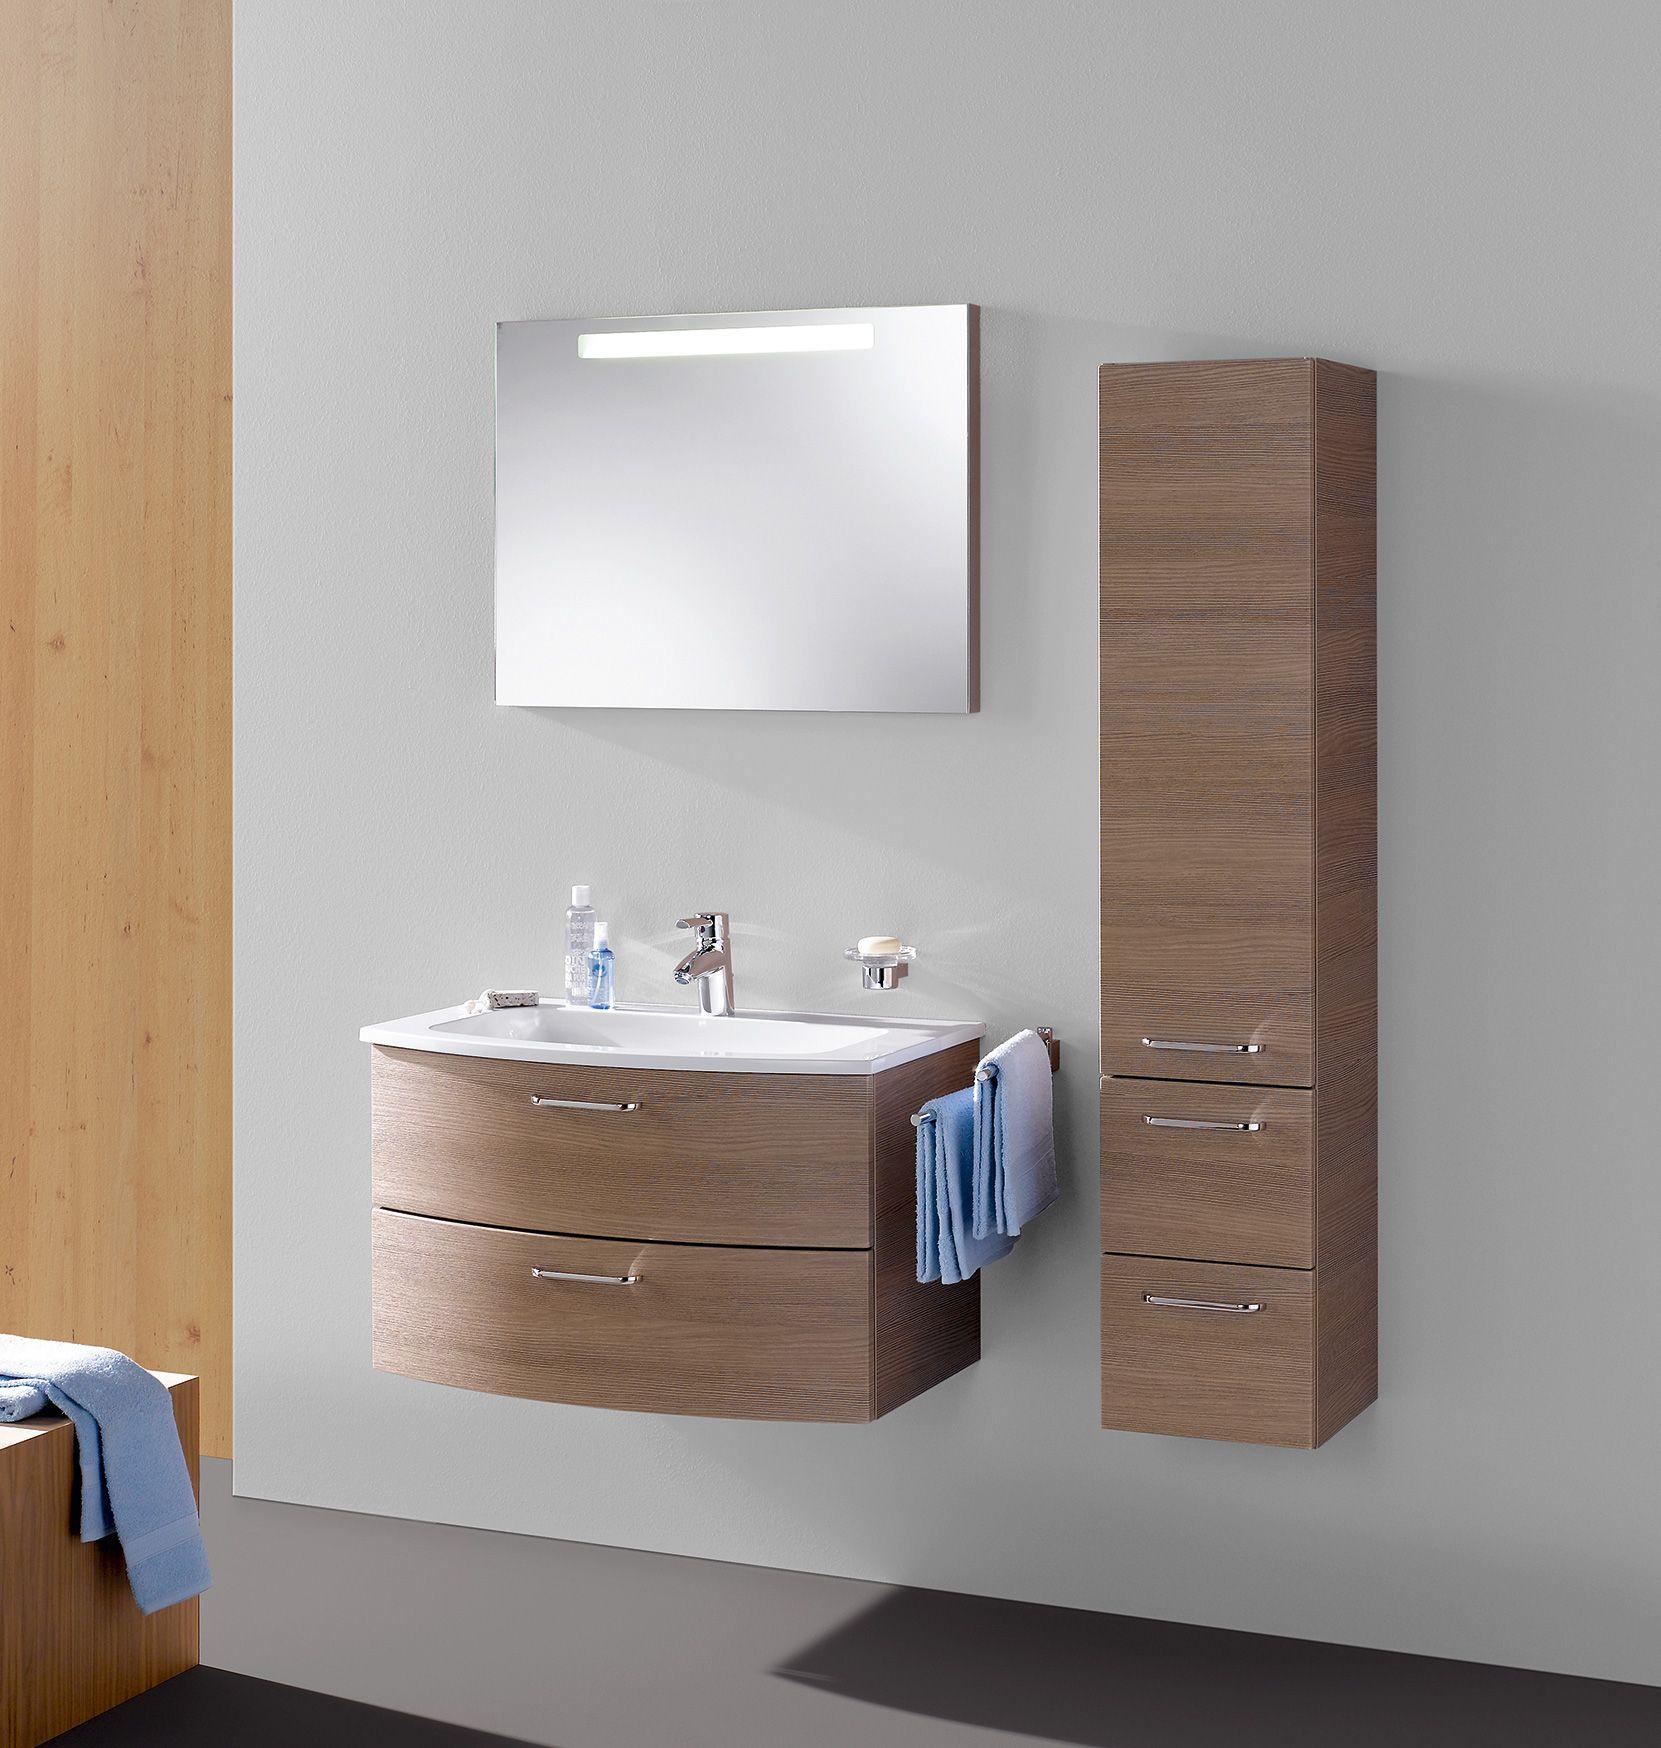 vigour badm bel pinterest. Black Bedroom Furniture Sets. Home Design Ideas